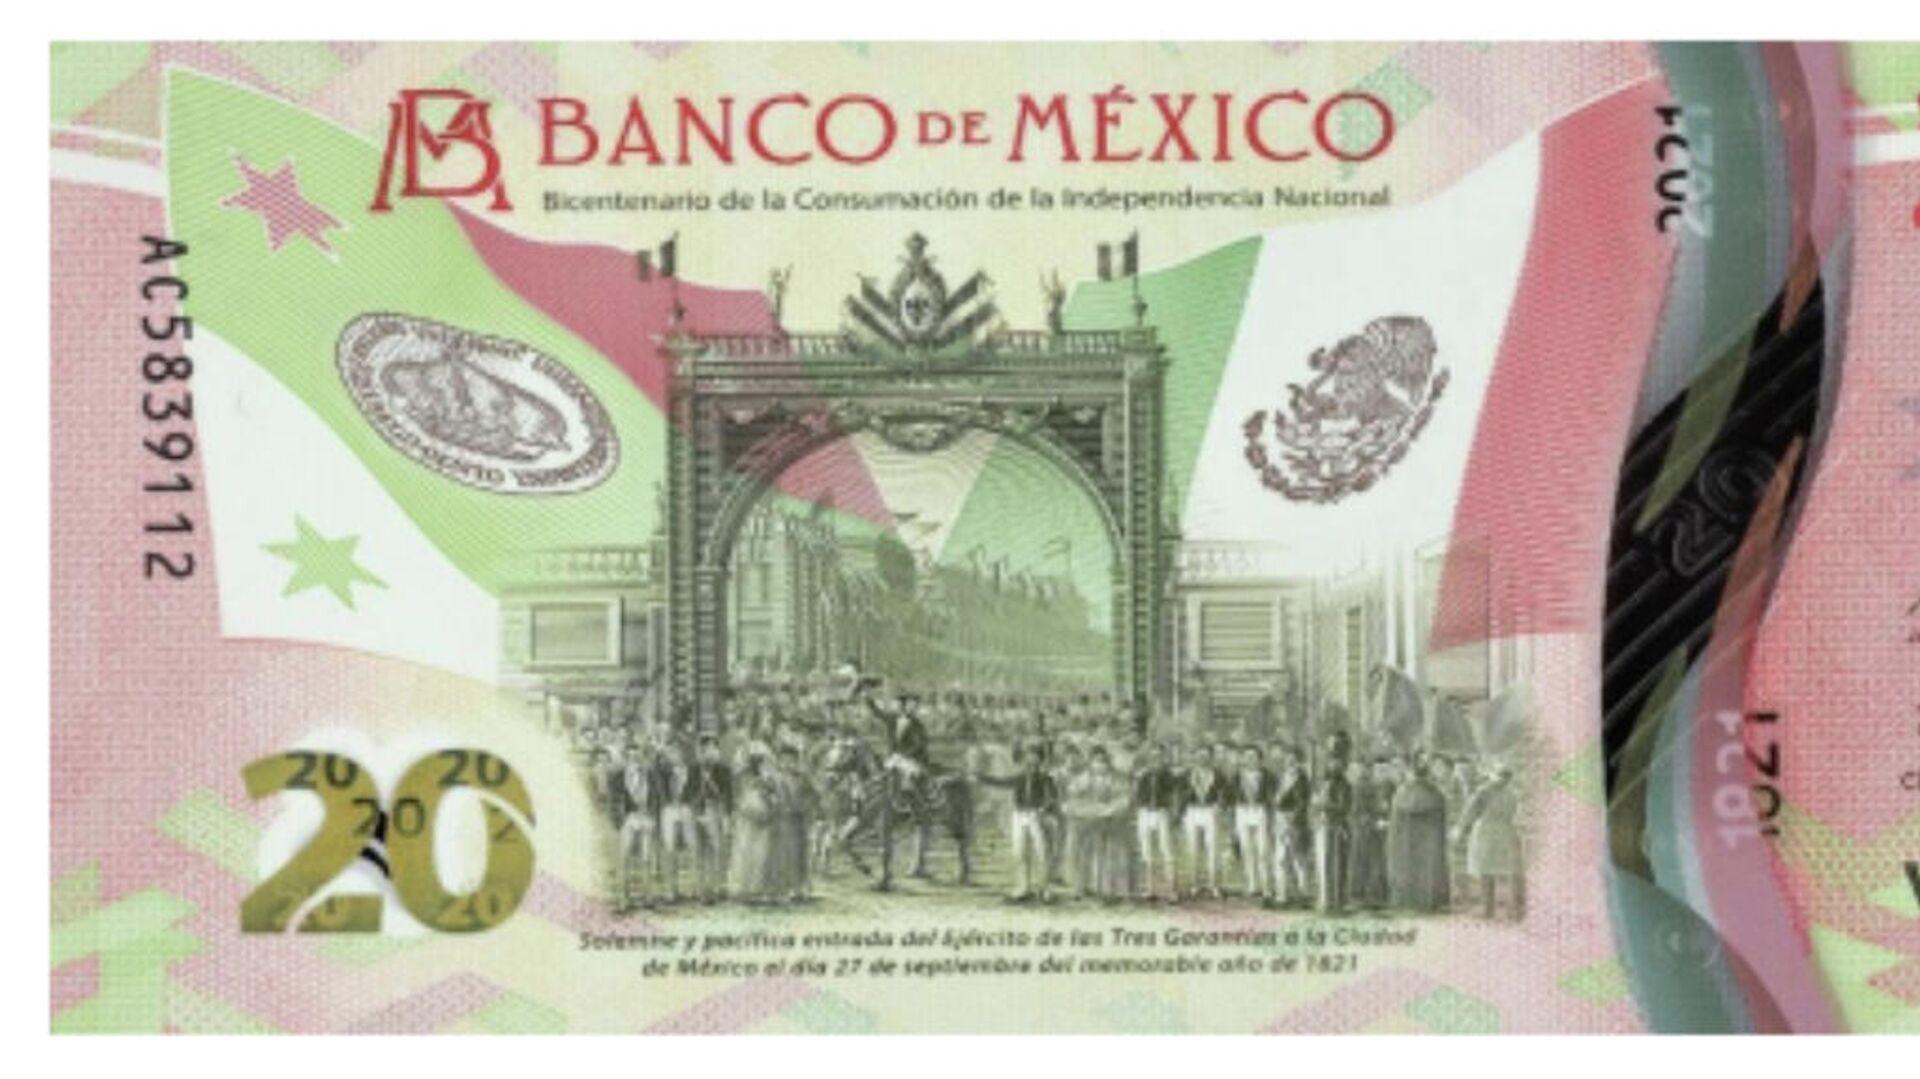 Nuevo billete de 20 pesos en México - Sputnik Mundo, 1920, 24.09.2021